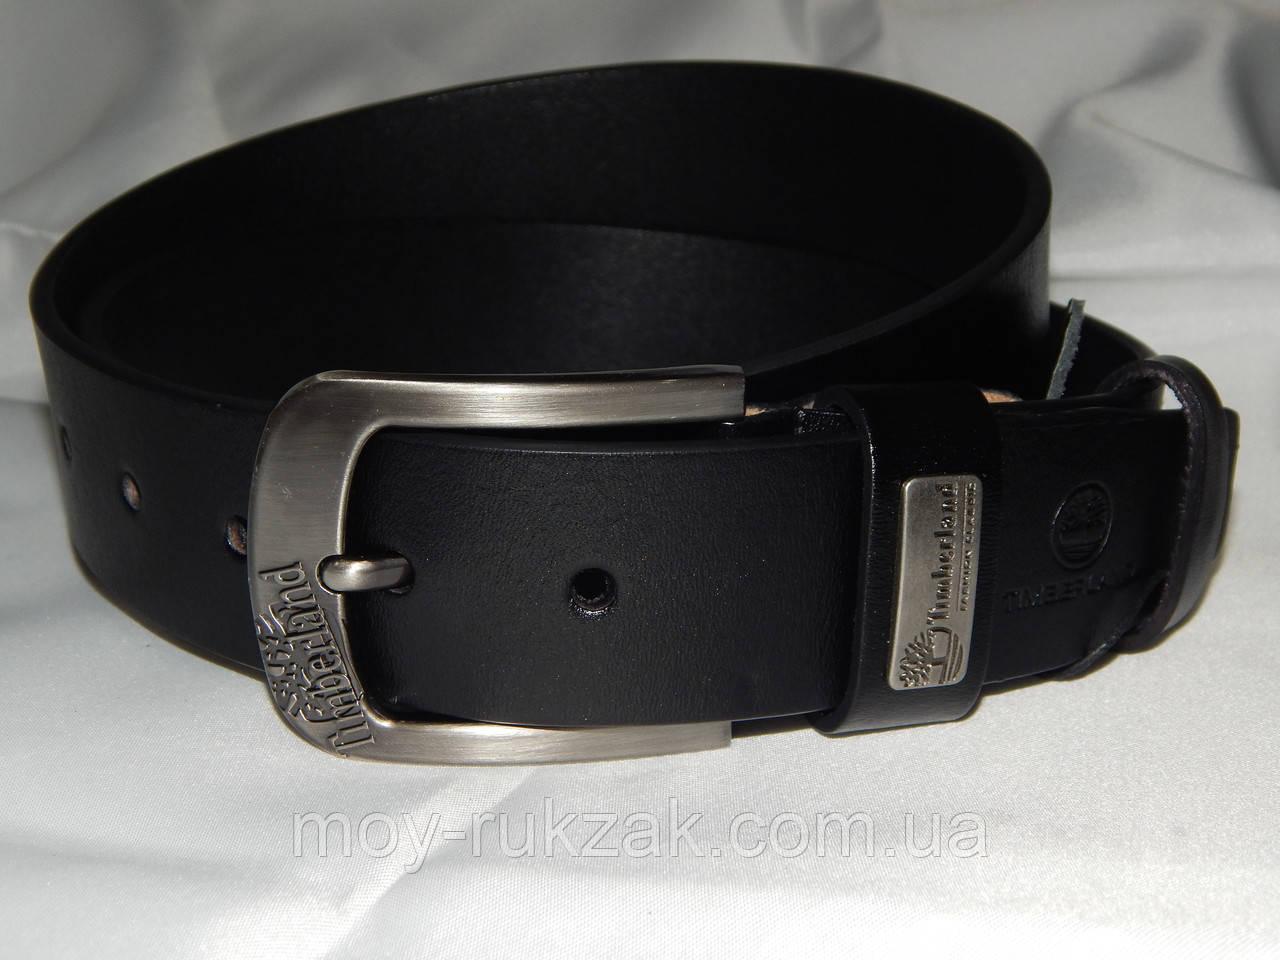 Ремень мужской кожаный Timberland 40 мм, реплика 930498